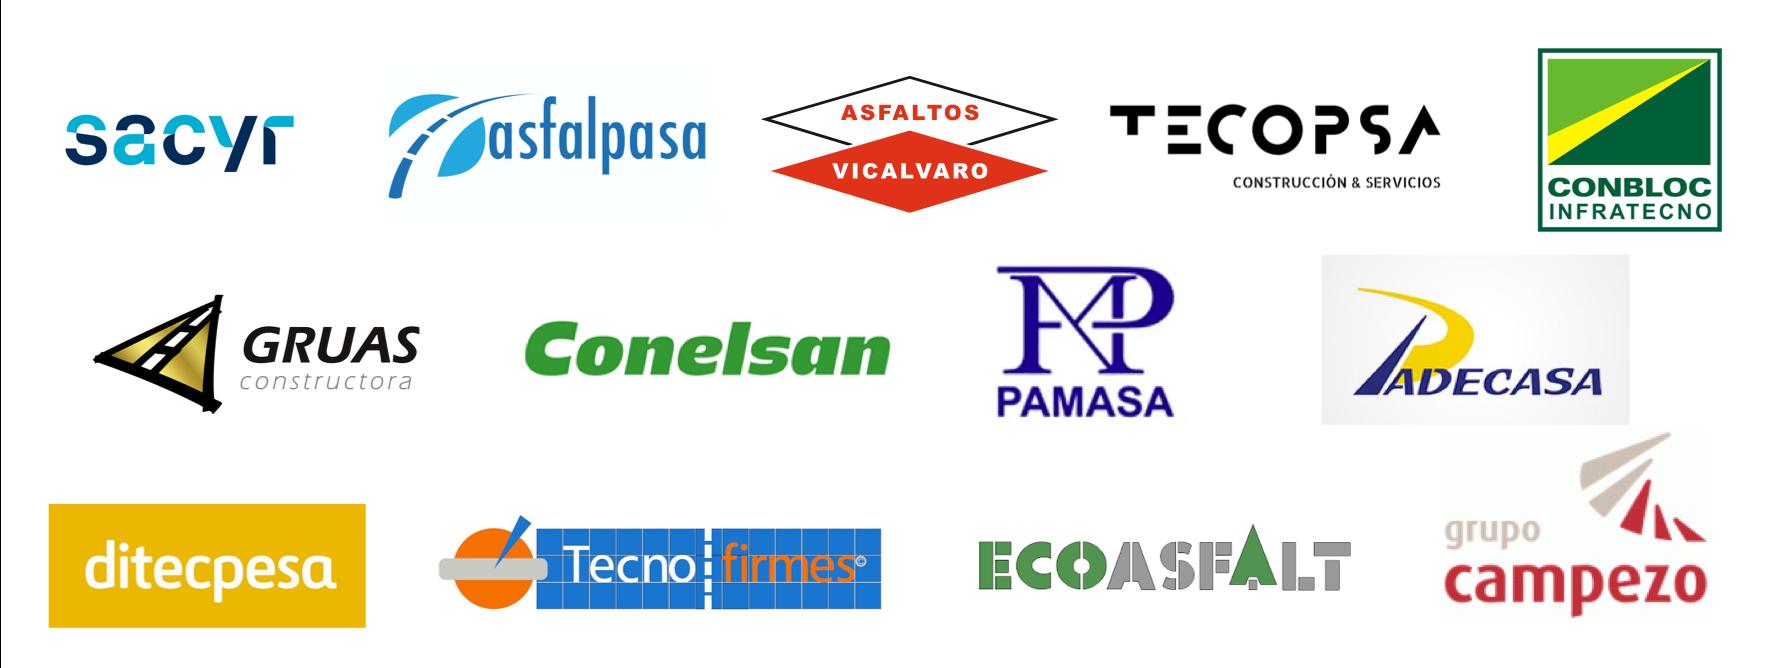 EMPRESAS CONSTRUCTORAS, FABRICANTES DE MEZCLAS ASFÁLTICAS Y PROVEEDORES DE BETUNES